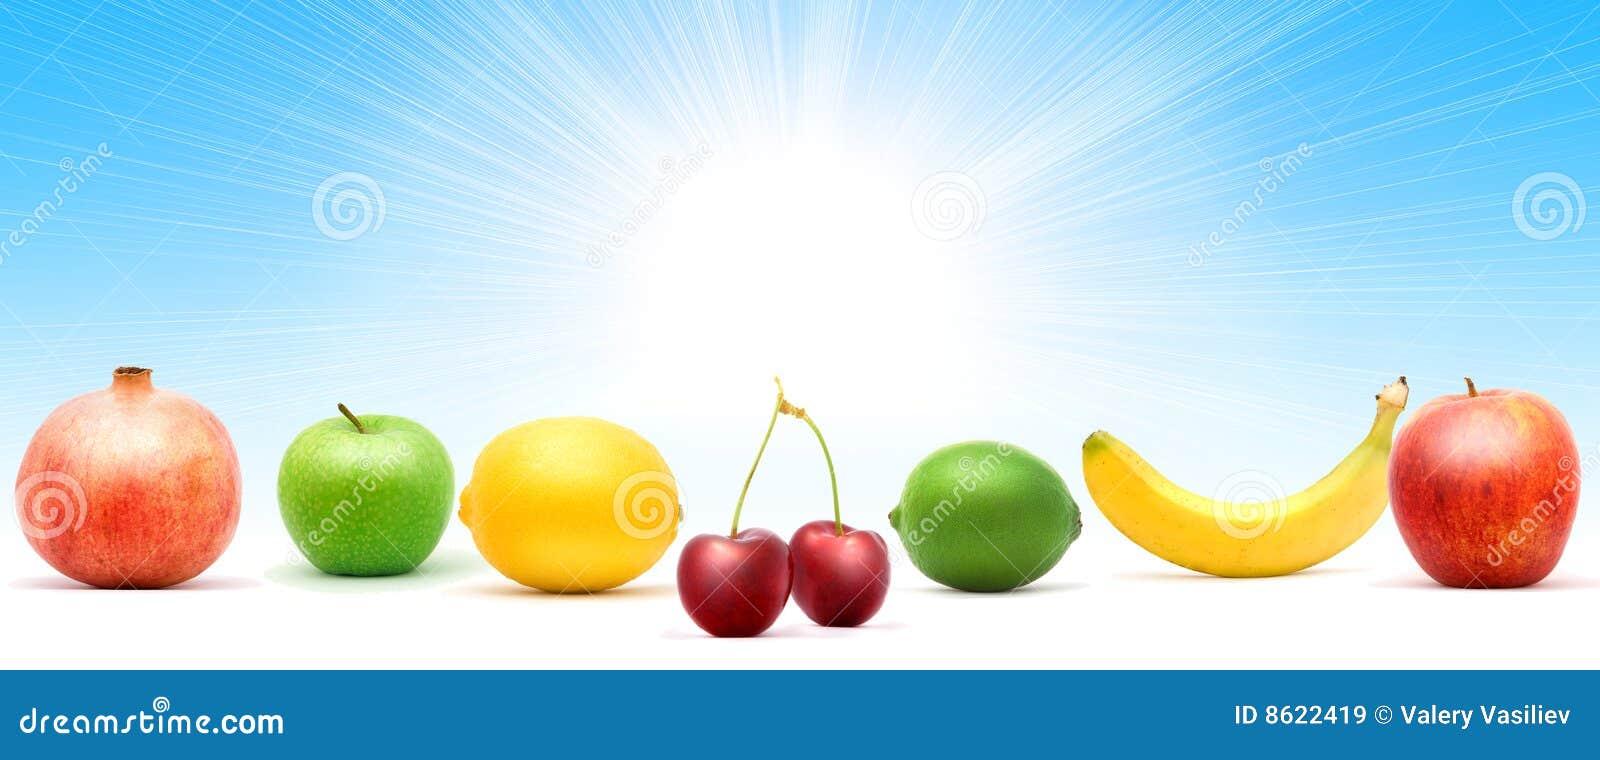 Pile de fruit